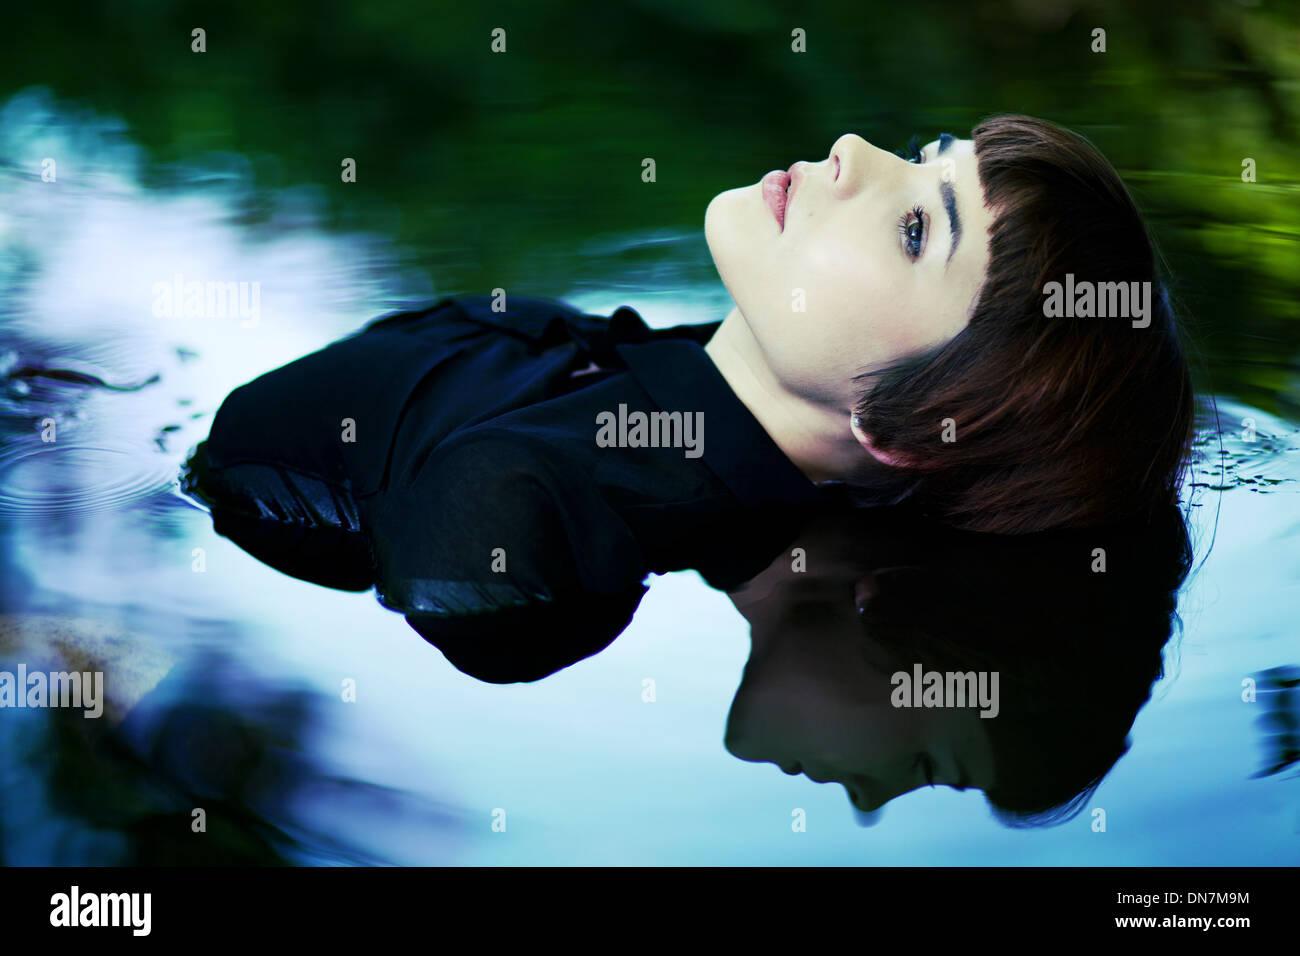 Jeune femme assise dans l'eau, portrait Photo Stock